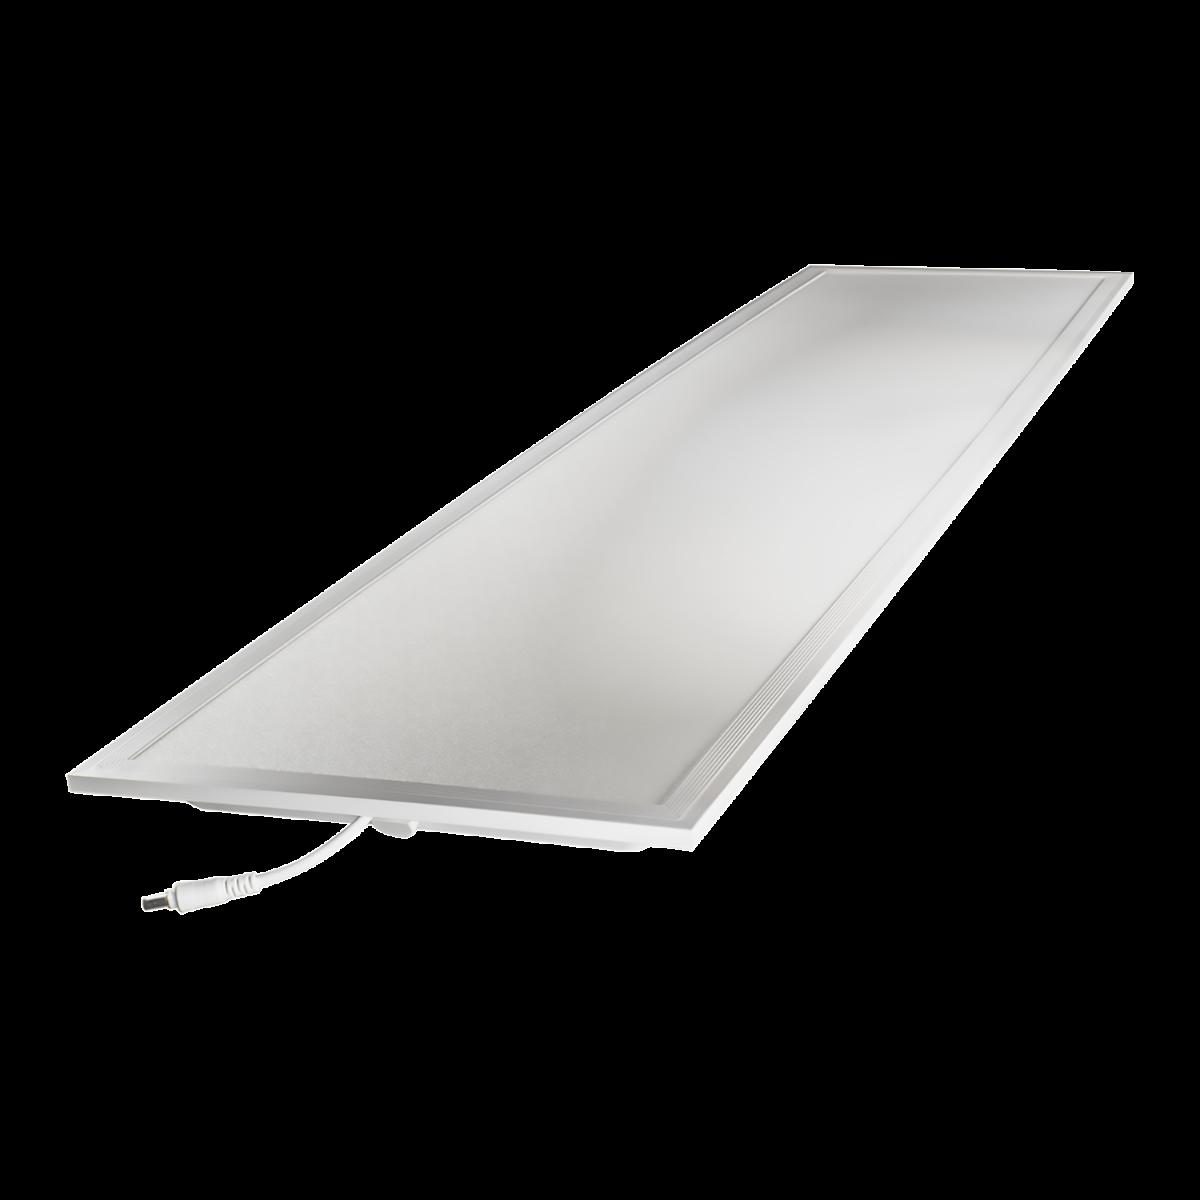 Noxion LED Paneel Delta Pro Highlum V2.0 40W 30x120cm 4000K 5480lm UGR <19 | Vervanger voor 2x36W